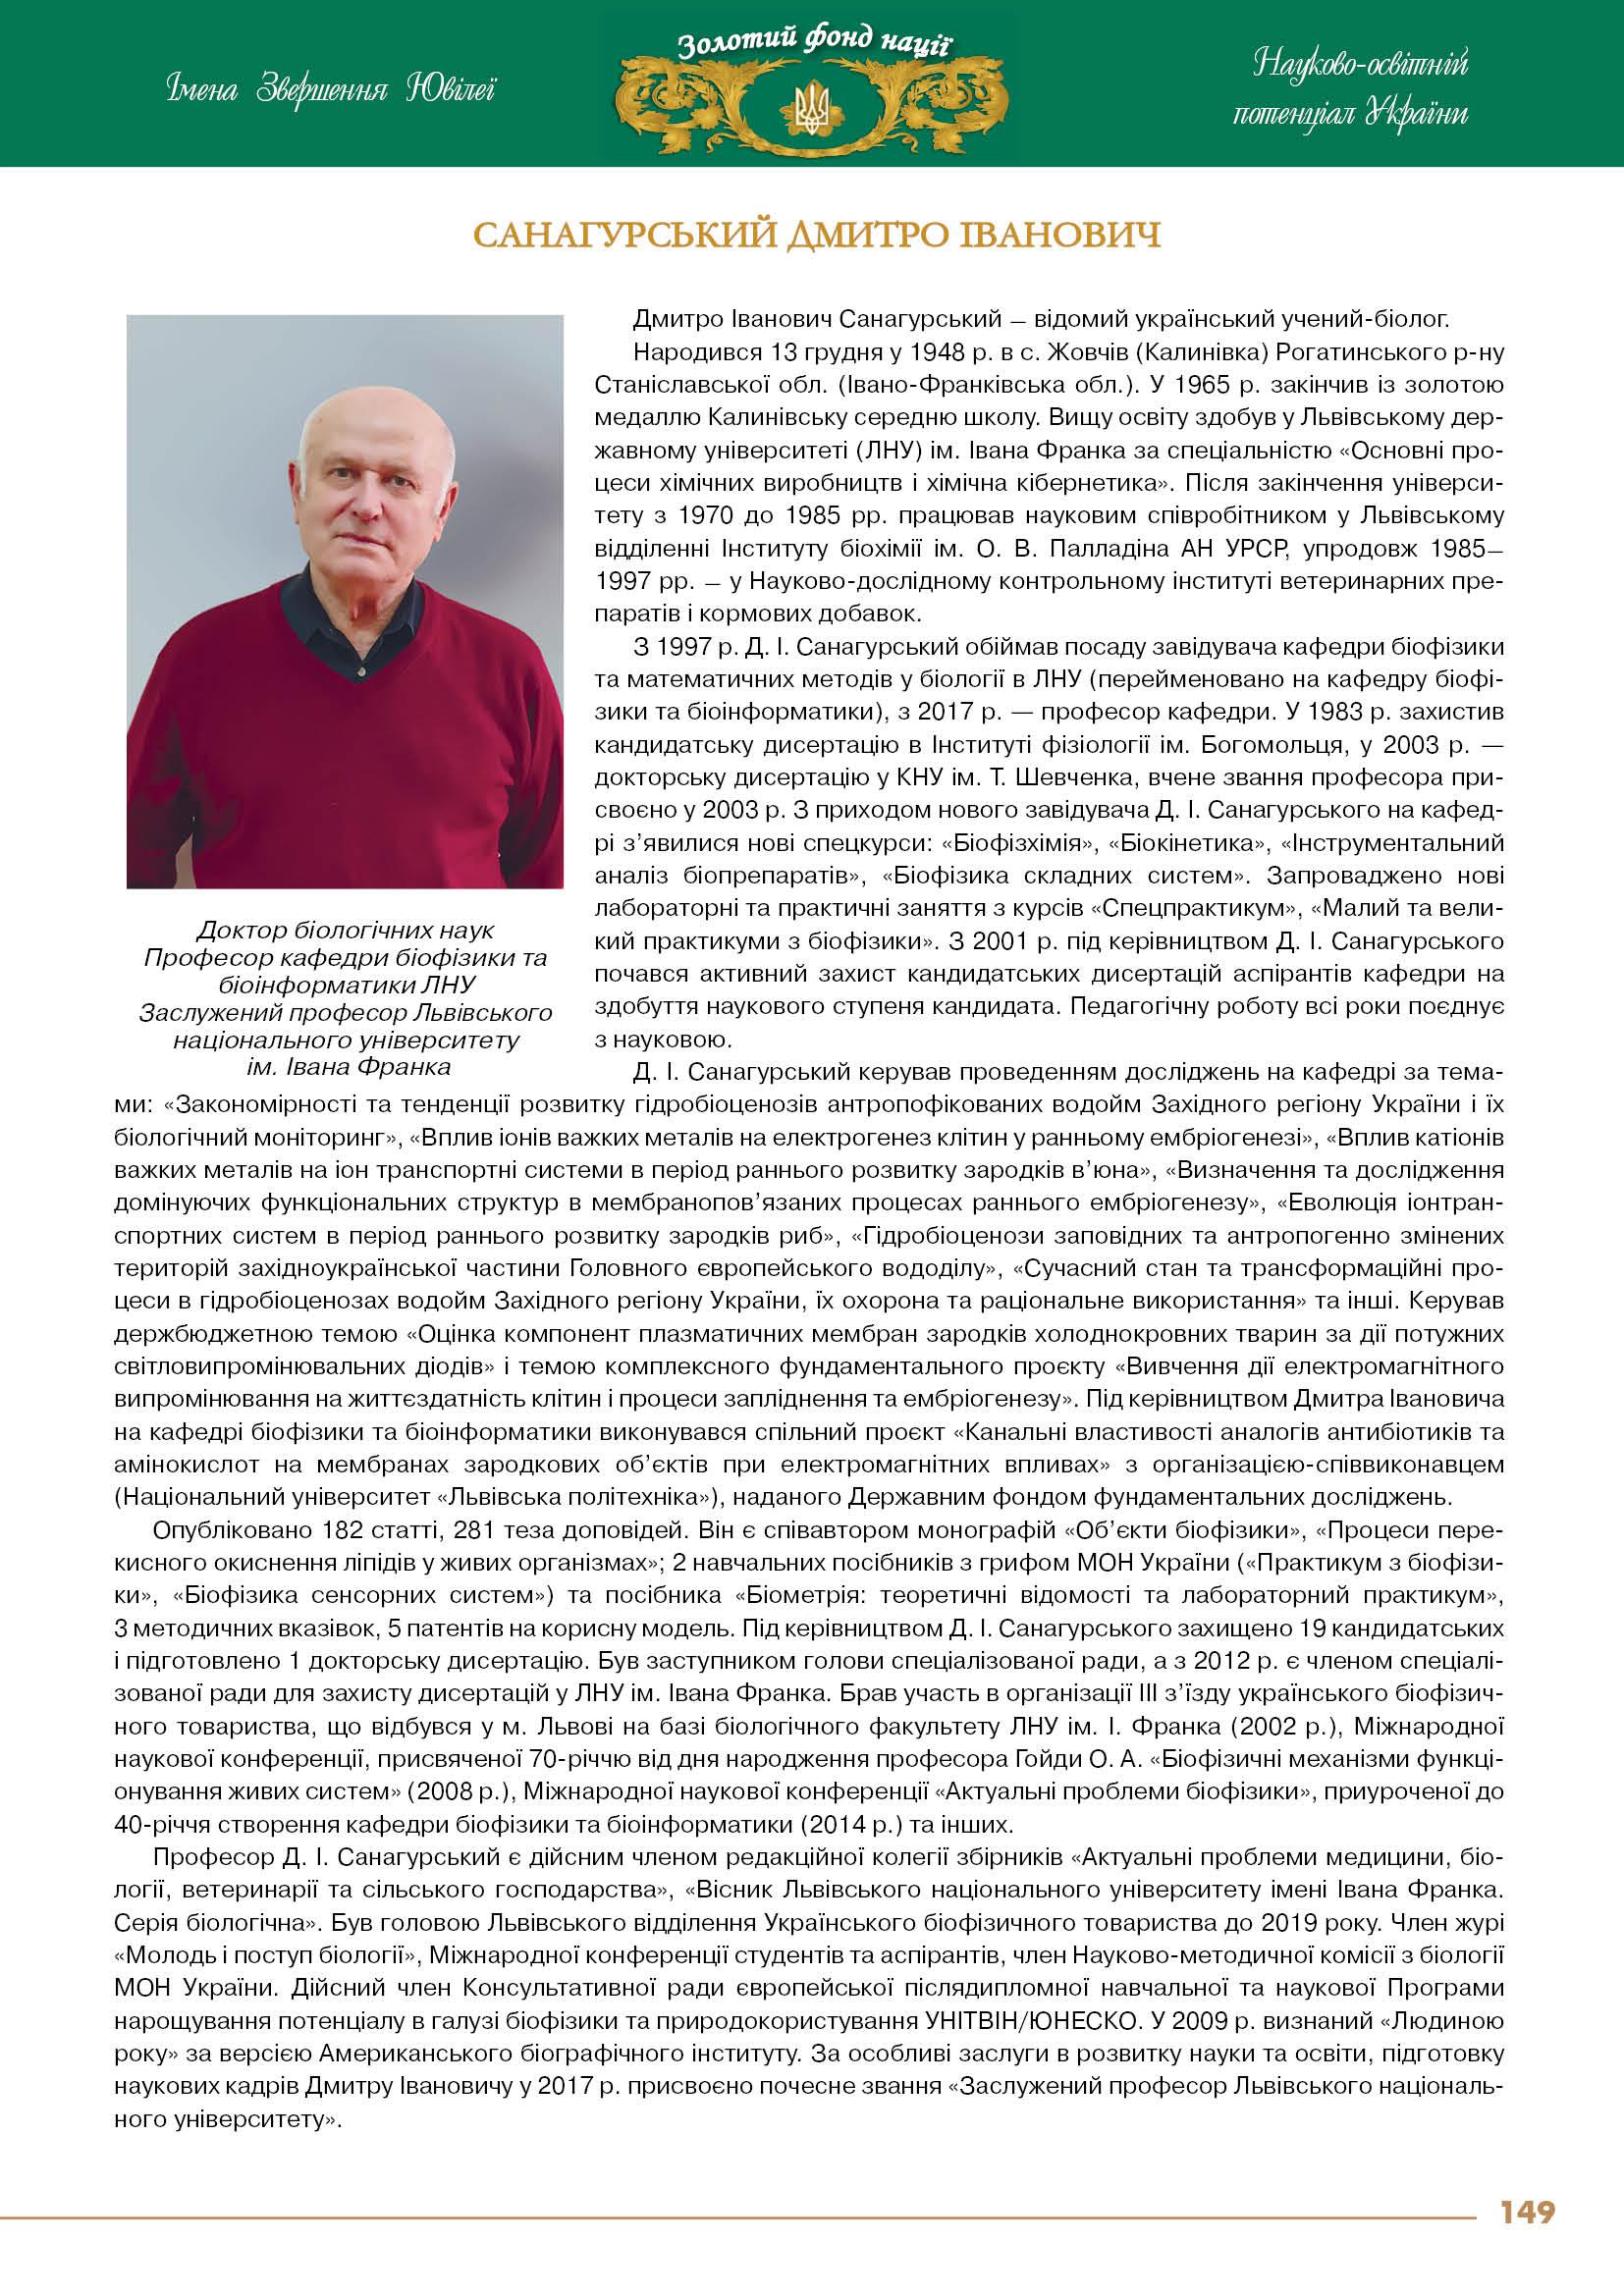 Санагурський Дмитро Іванович